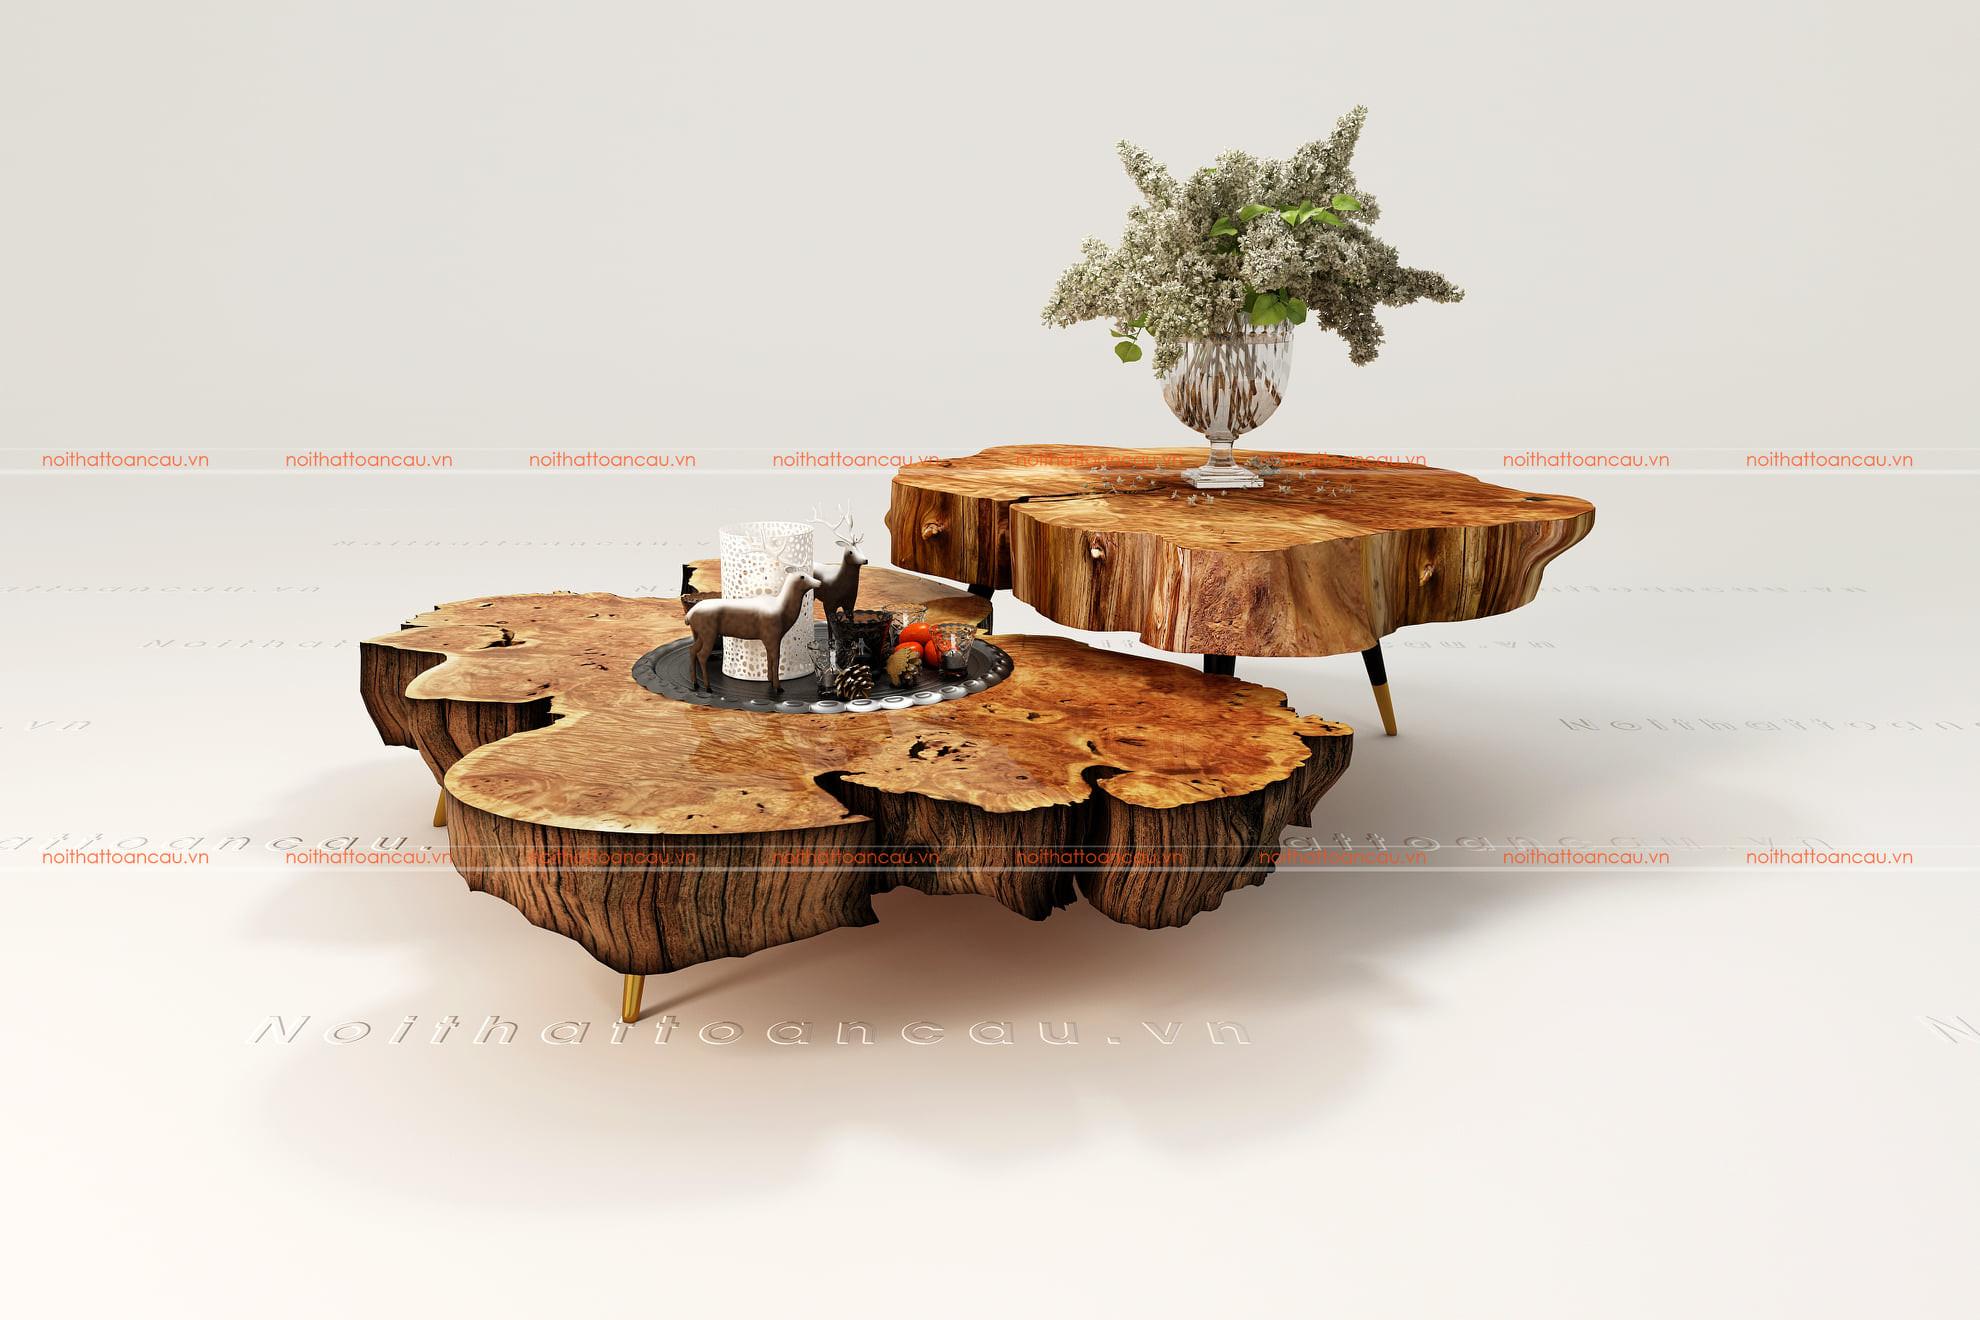 Bàn trà nguyên khối gốc cây gỗ óc chó